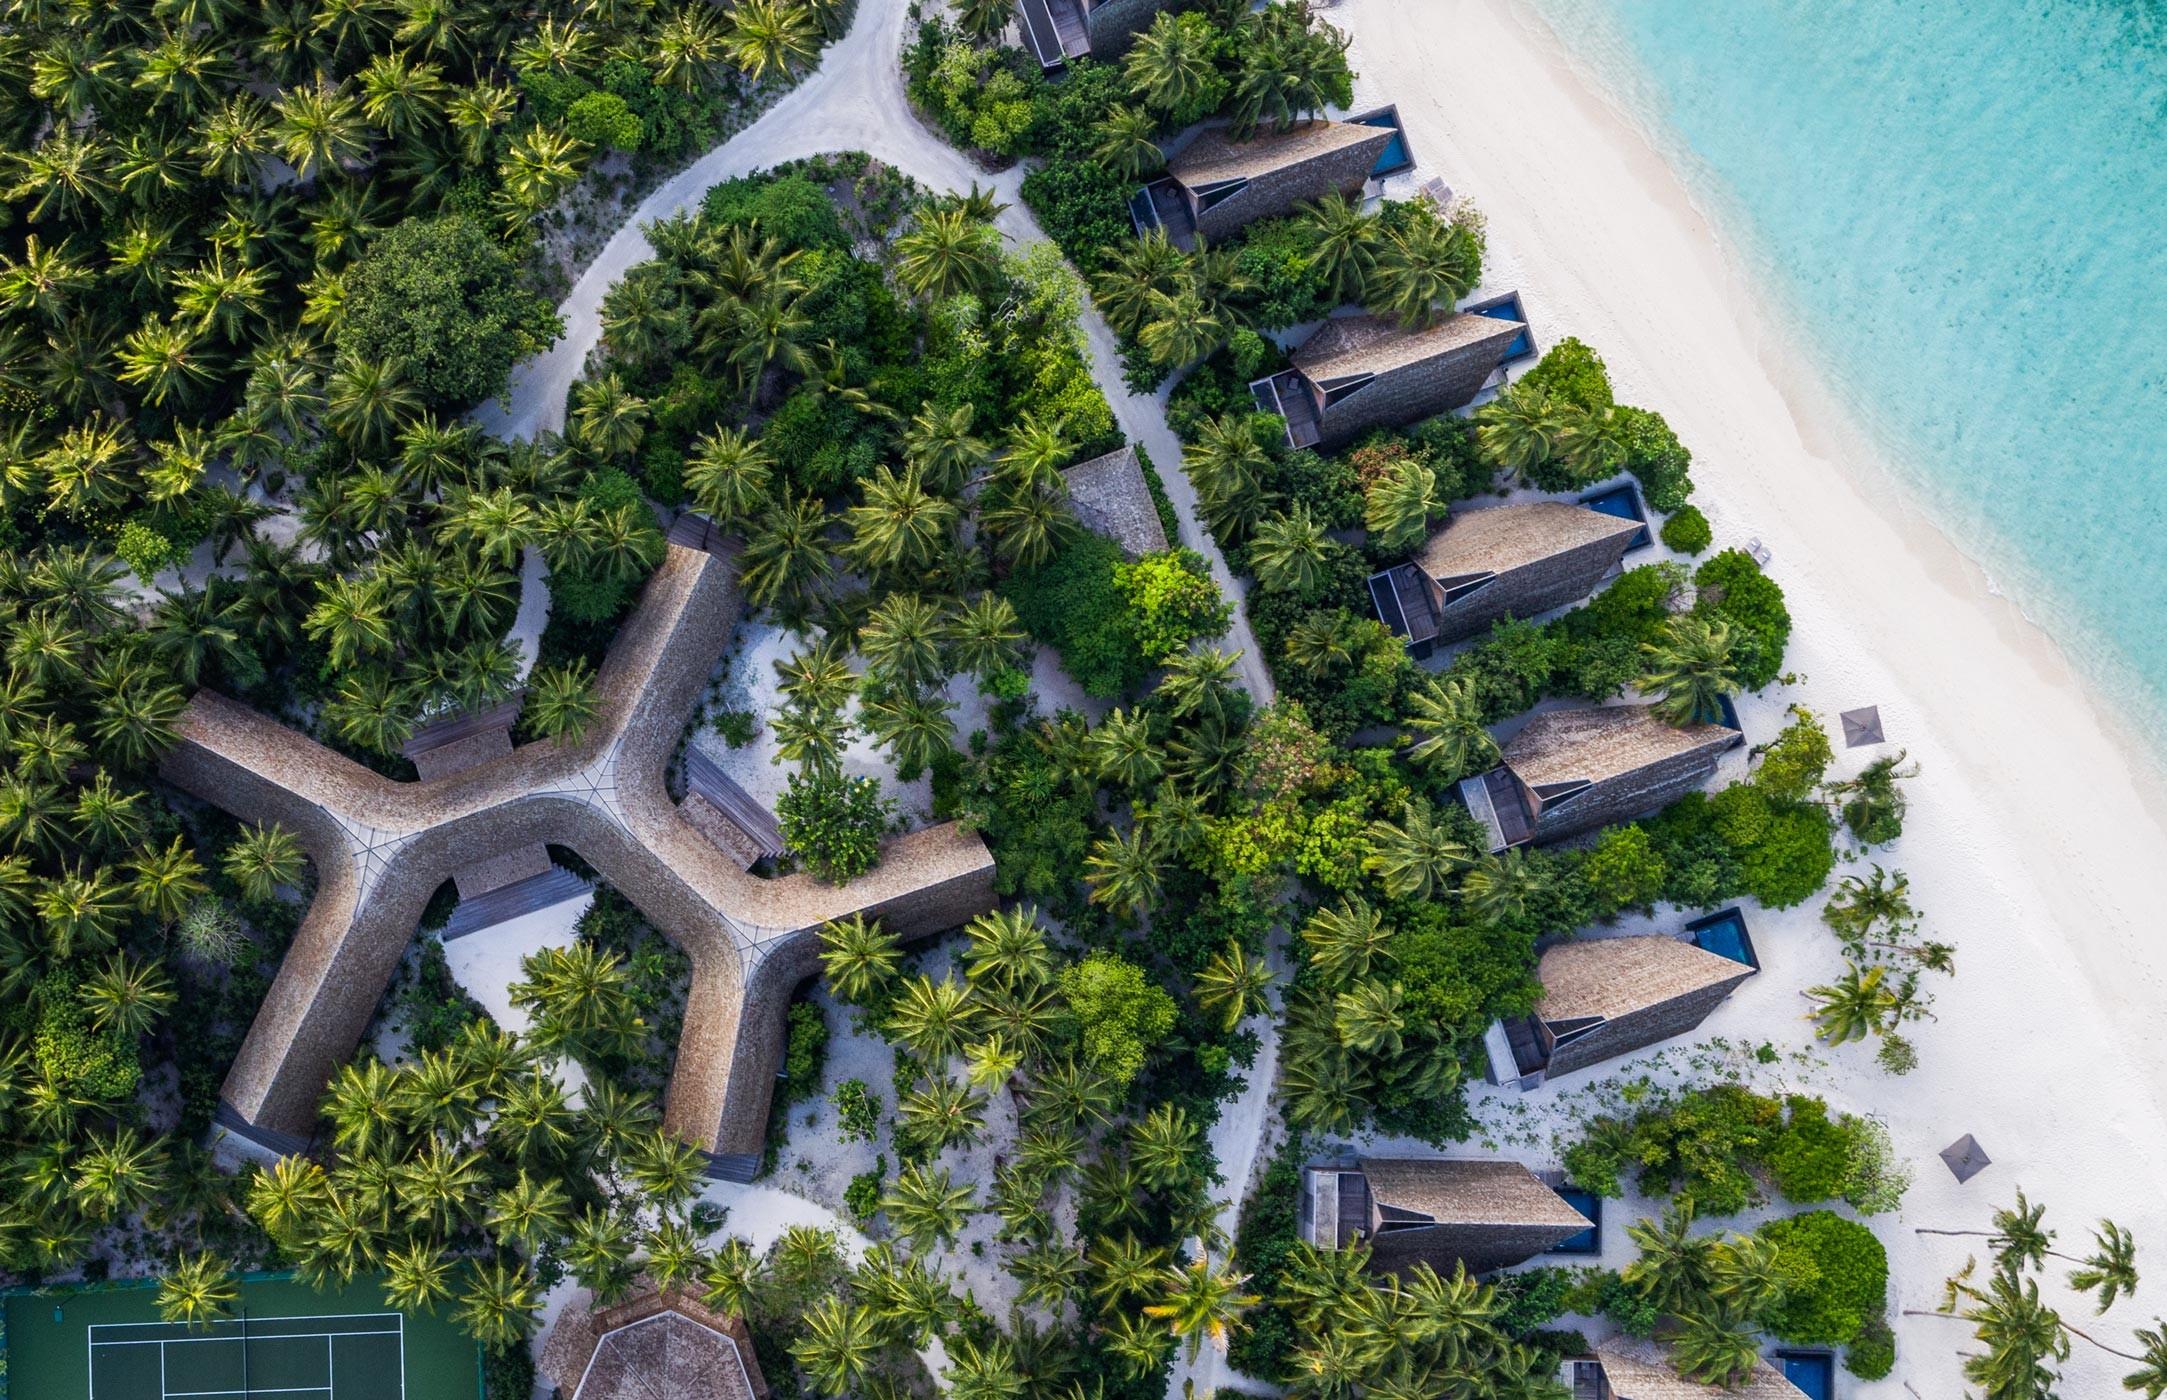 str4315ex-212704-Vommuli-House-and-Beach-Villas—Aerial-High